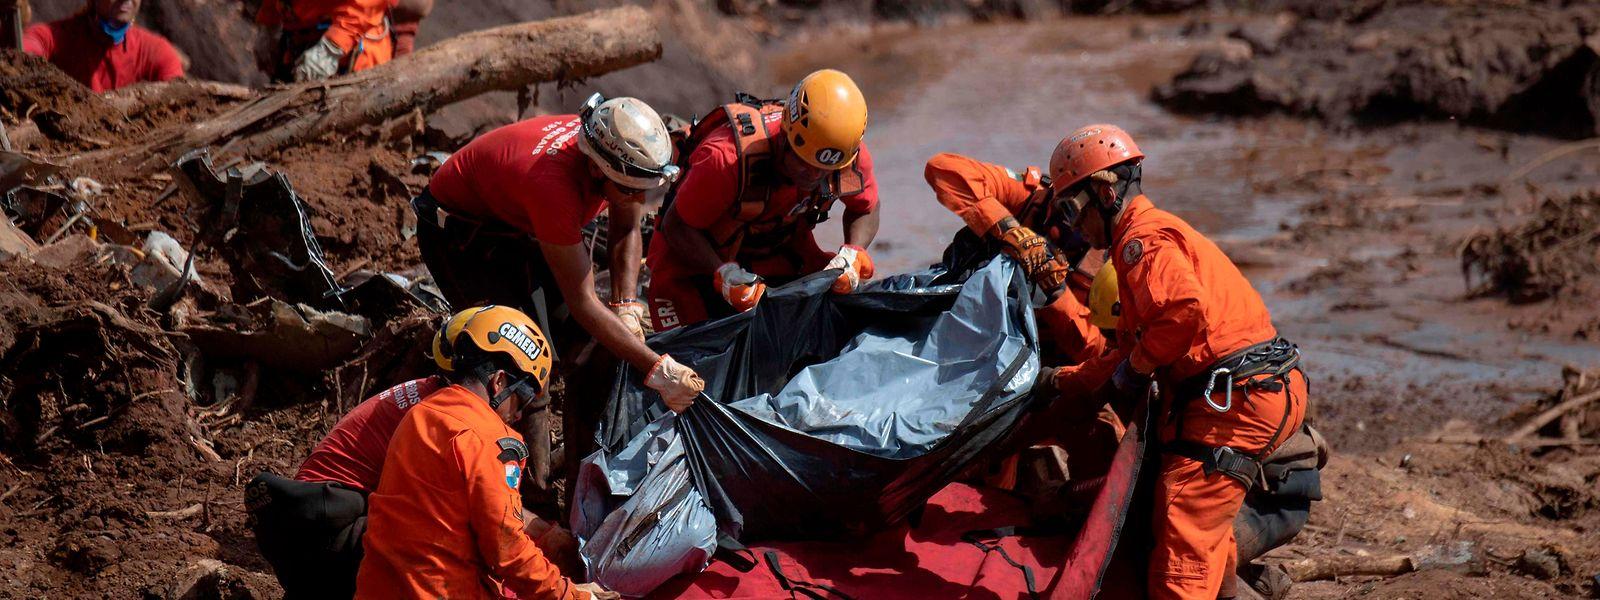 Über 200 Menschen werden noch vermisst, die Zahl der Todesopfer dürfte demnach noch drastisch steigen.